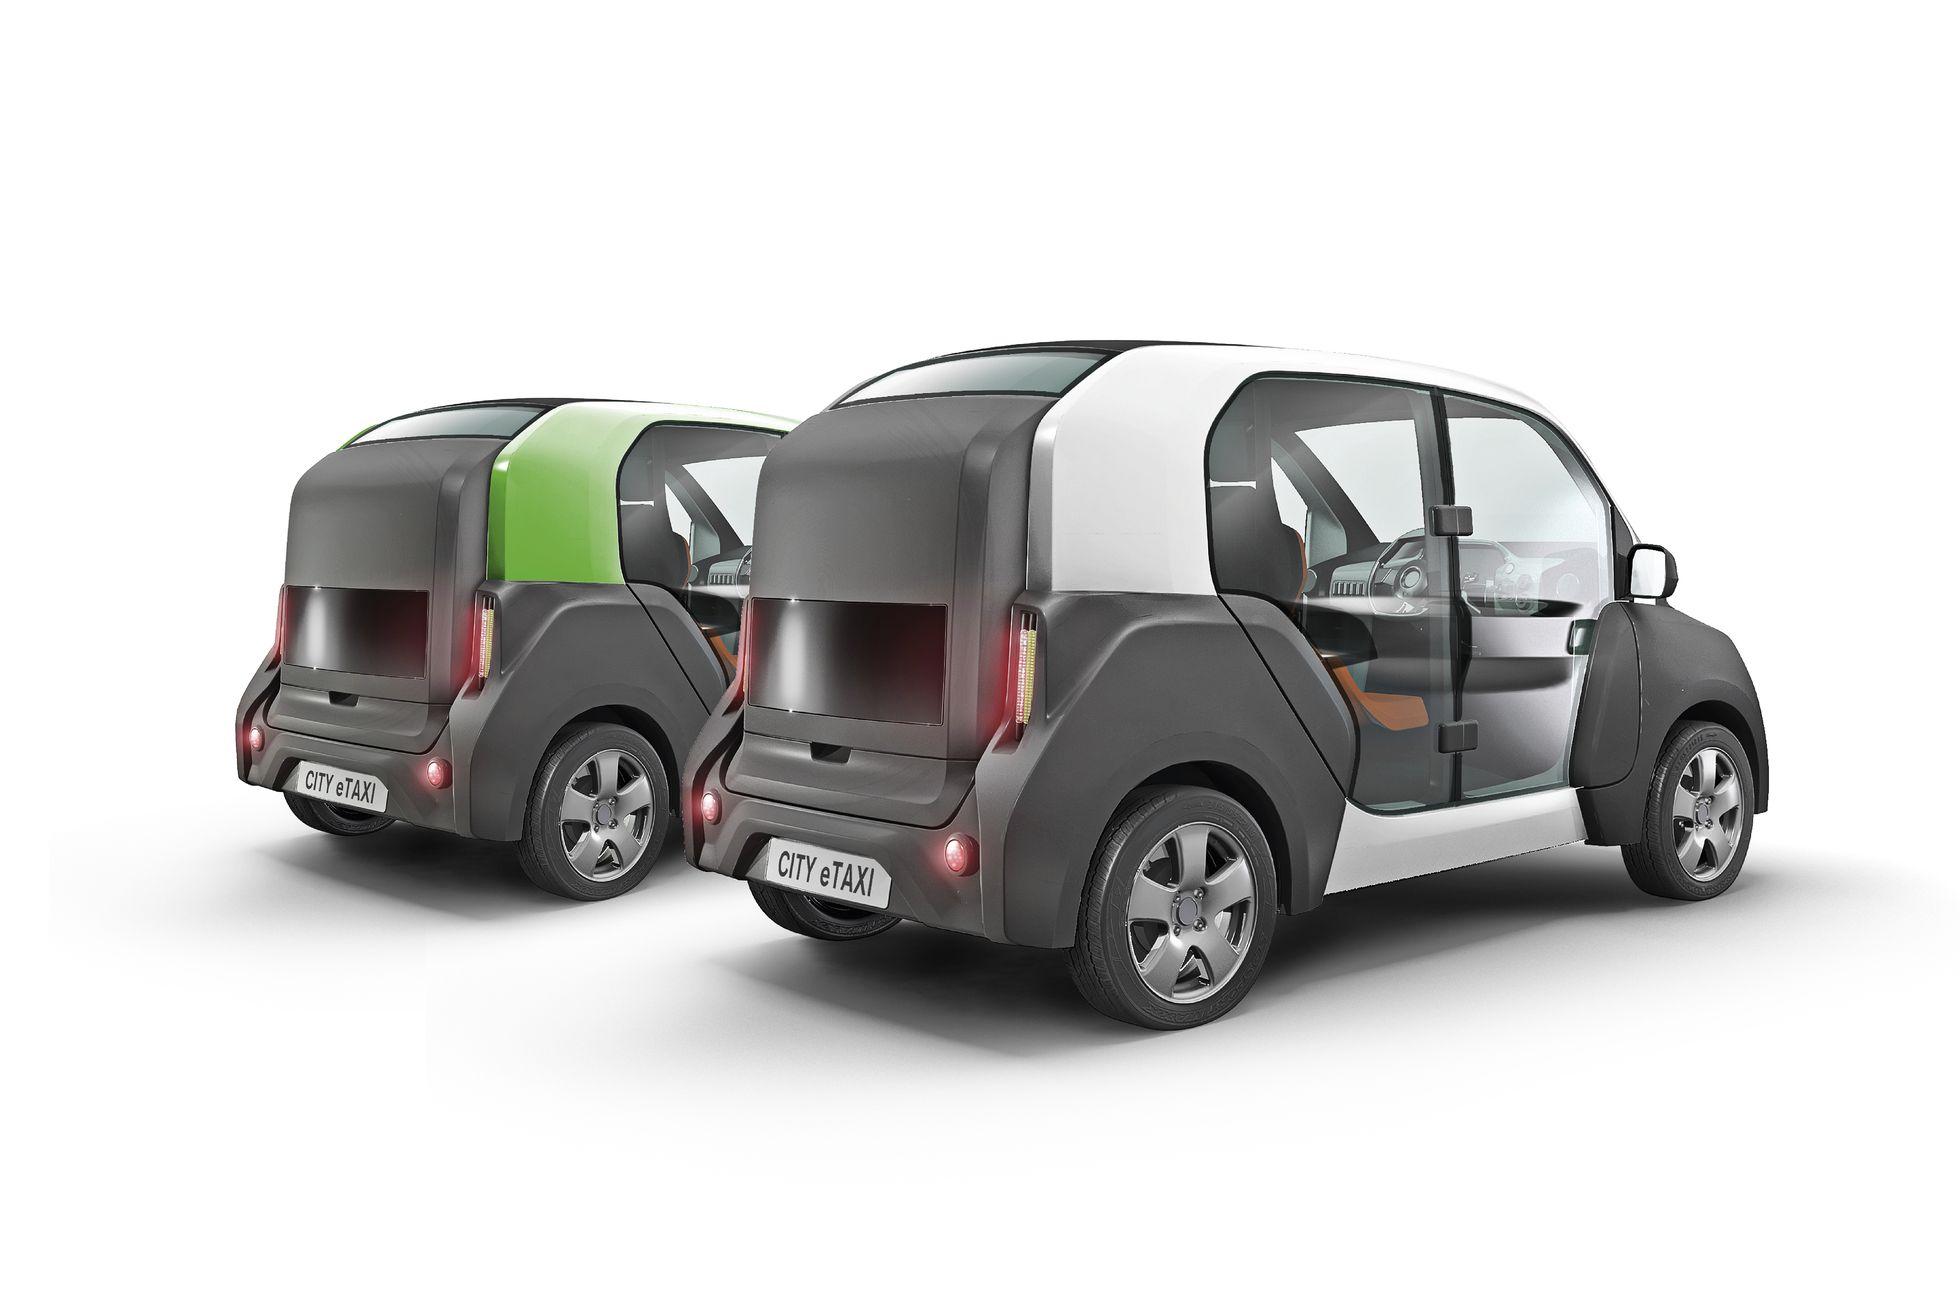 City E-Taxi: Ein Elektrotaxi mit Durchblick - Dann kann das Auto auch als Kleintransporter eingesetzt werden. (Bild: Naumann-Design)